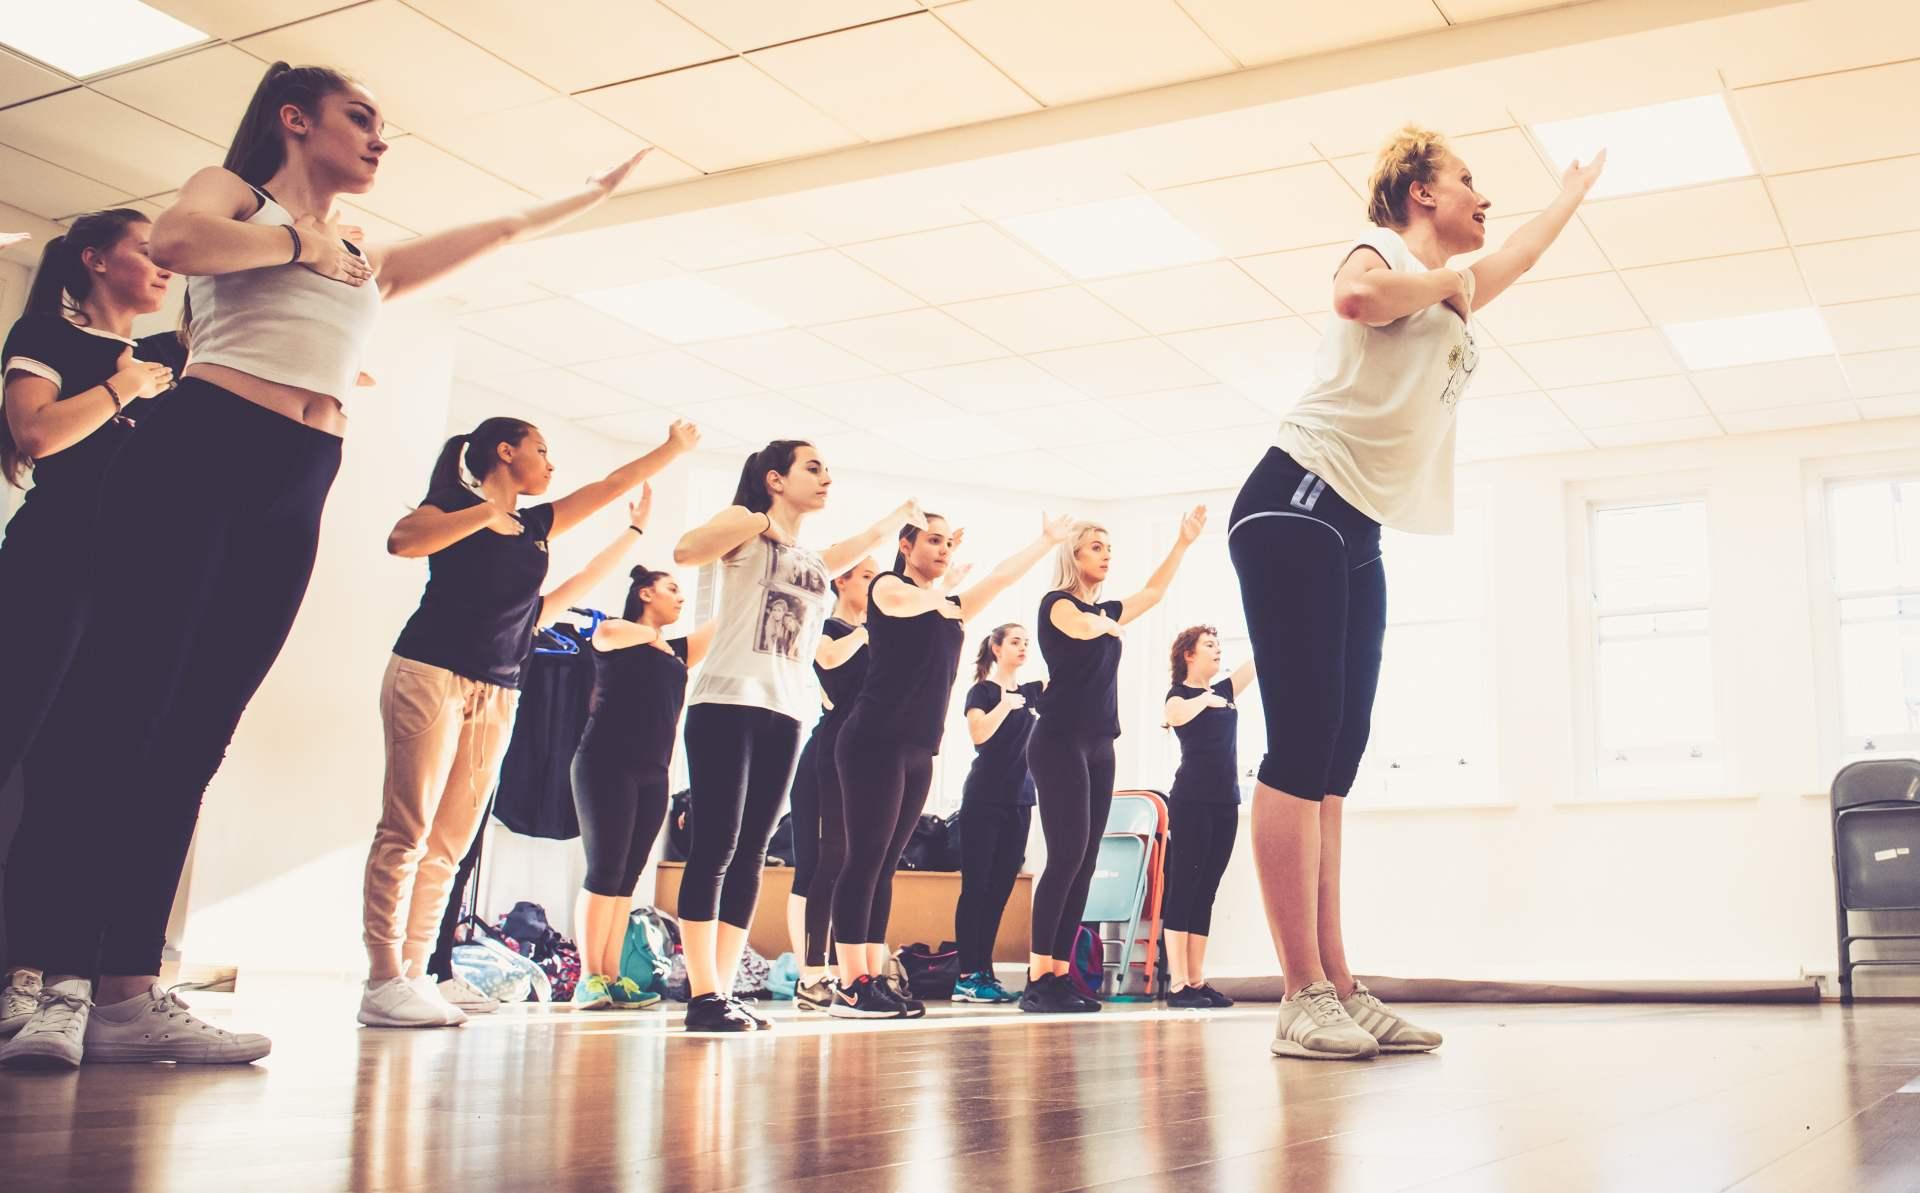 MX Dance - Now open, offering World-class dance training